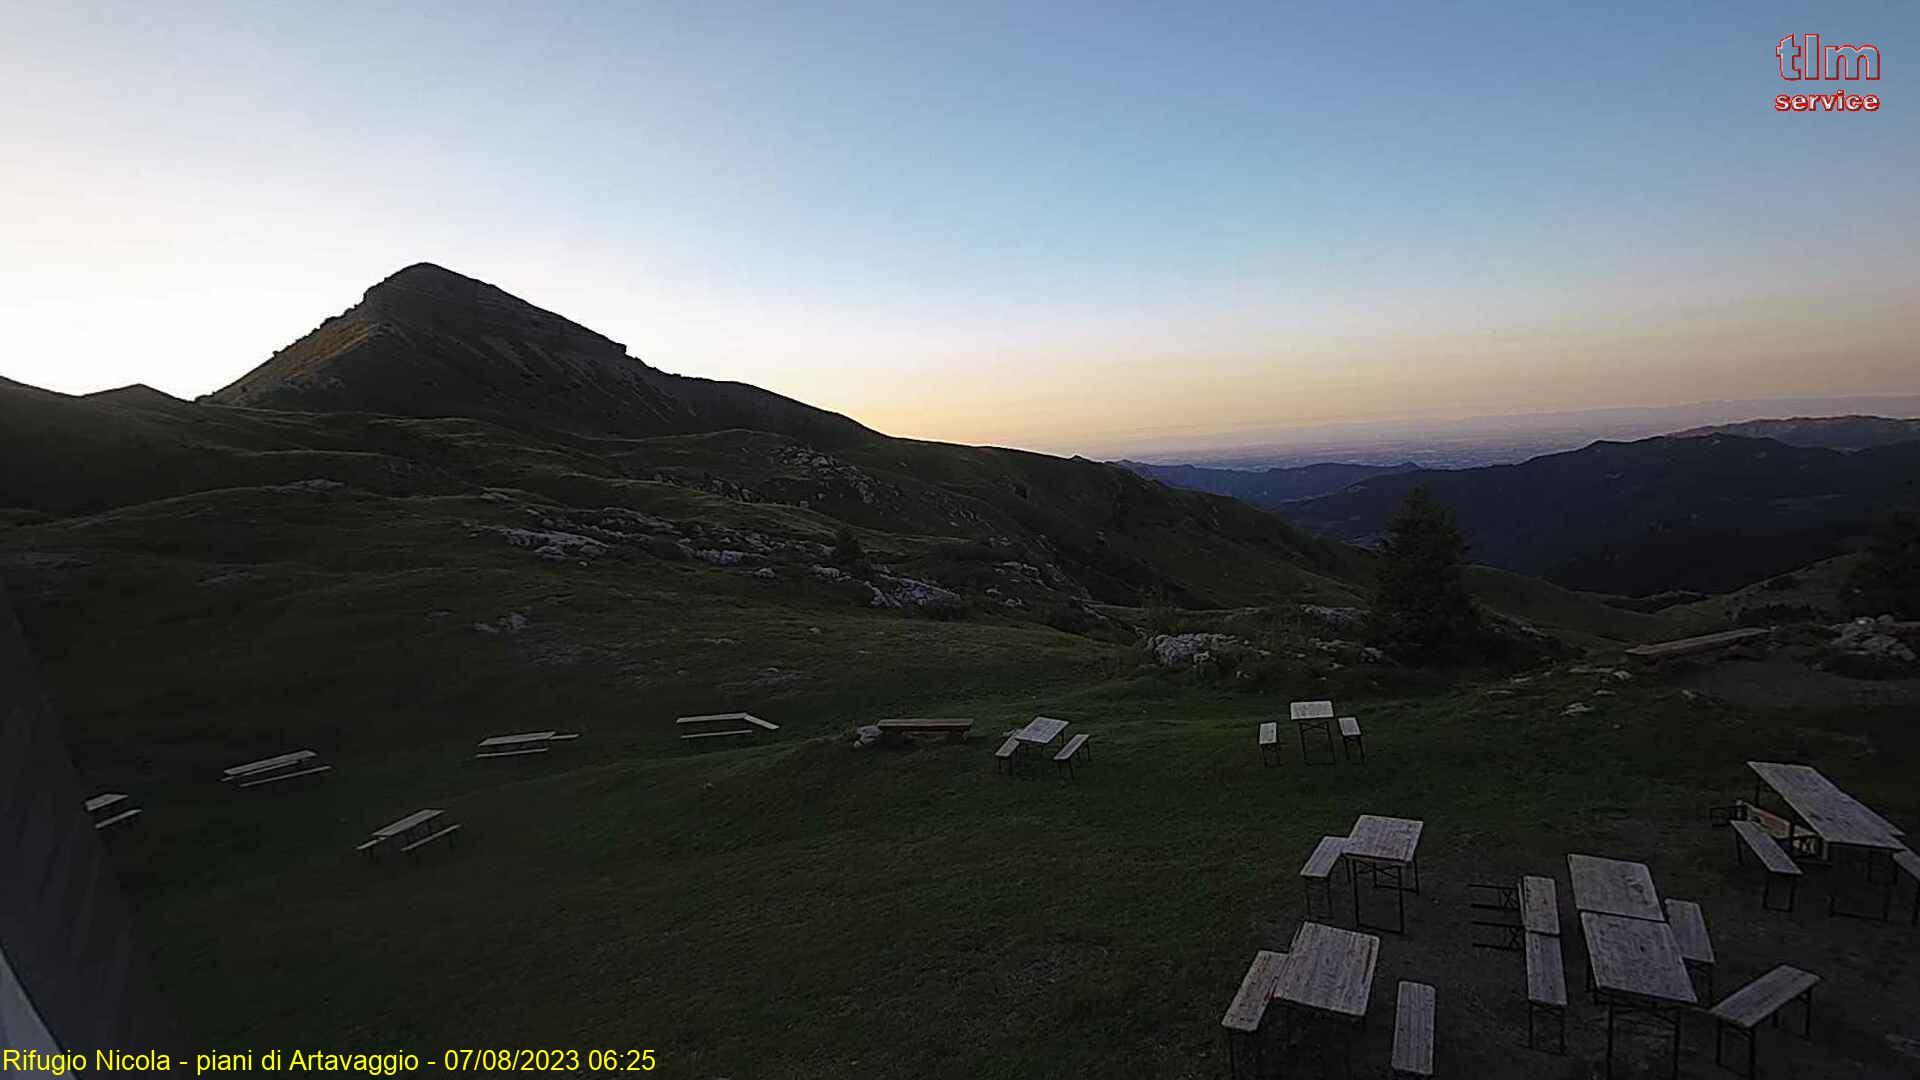 Webcam posizionata al rifugio Nicola (Piani di Artavaggio) con vista sul Monte Sodadura.